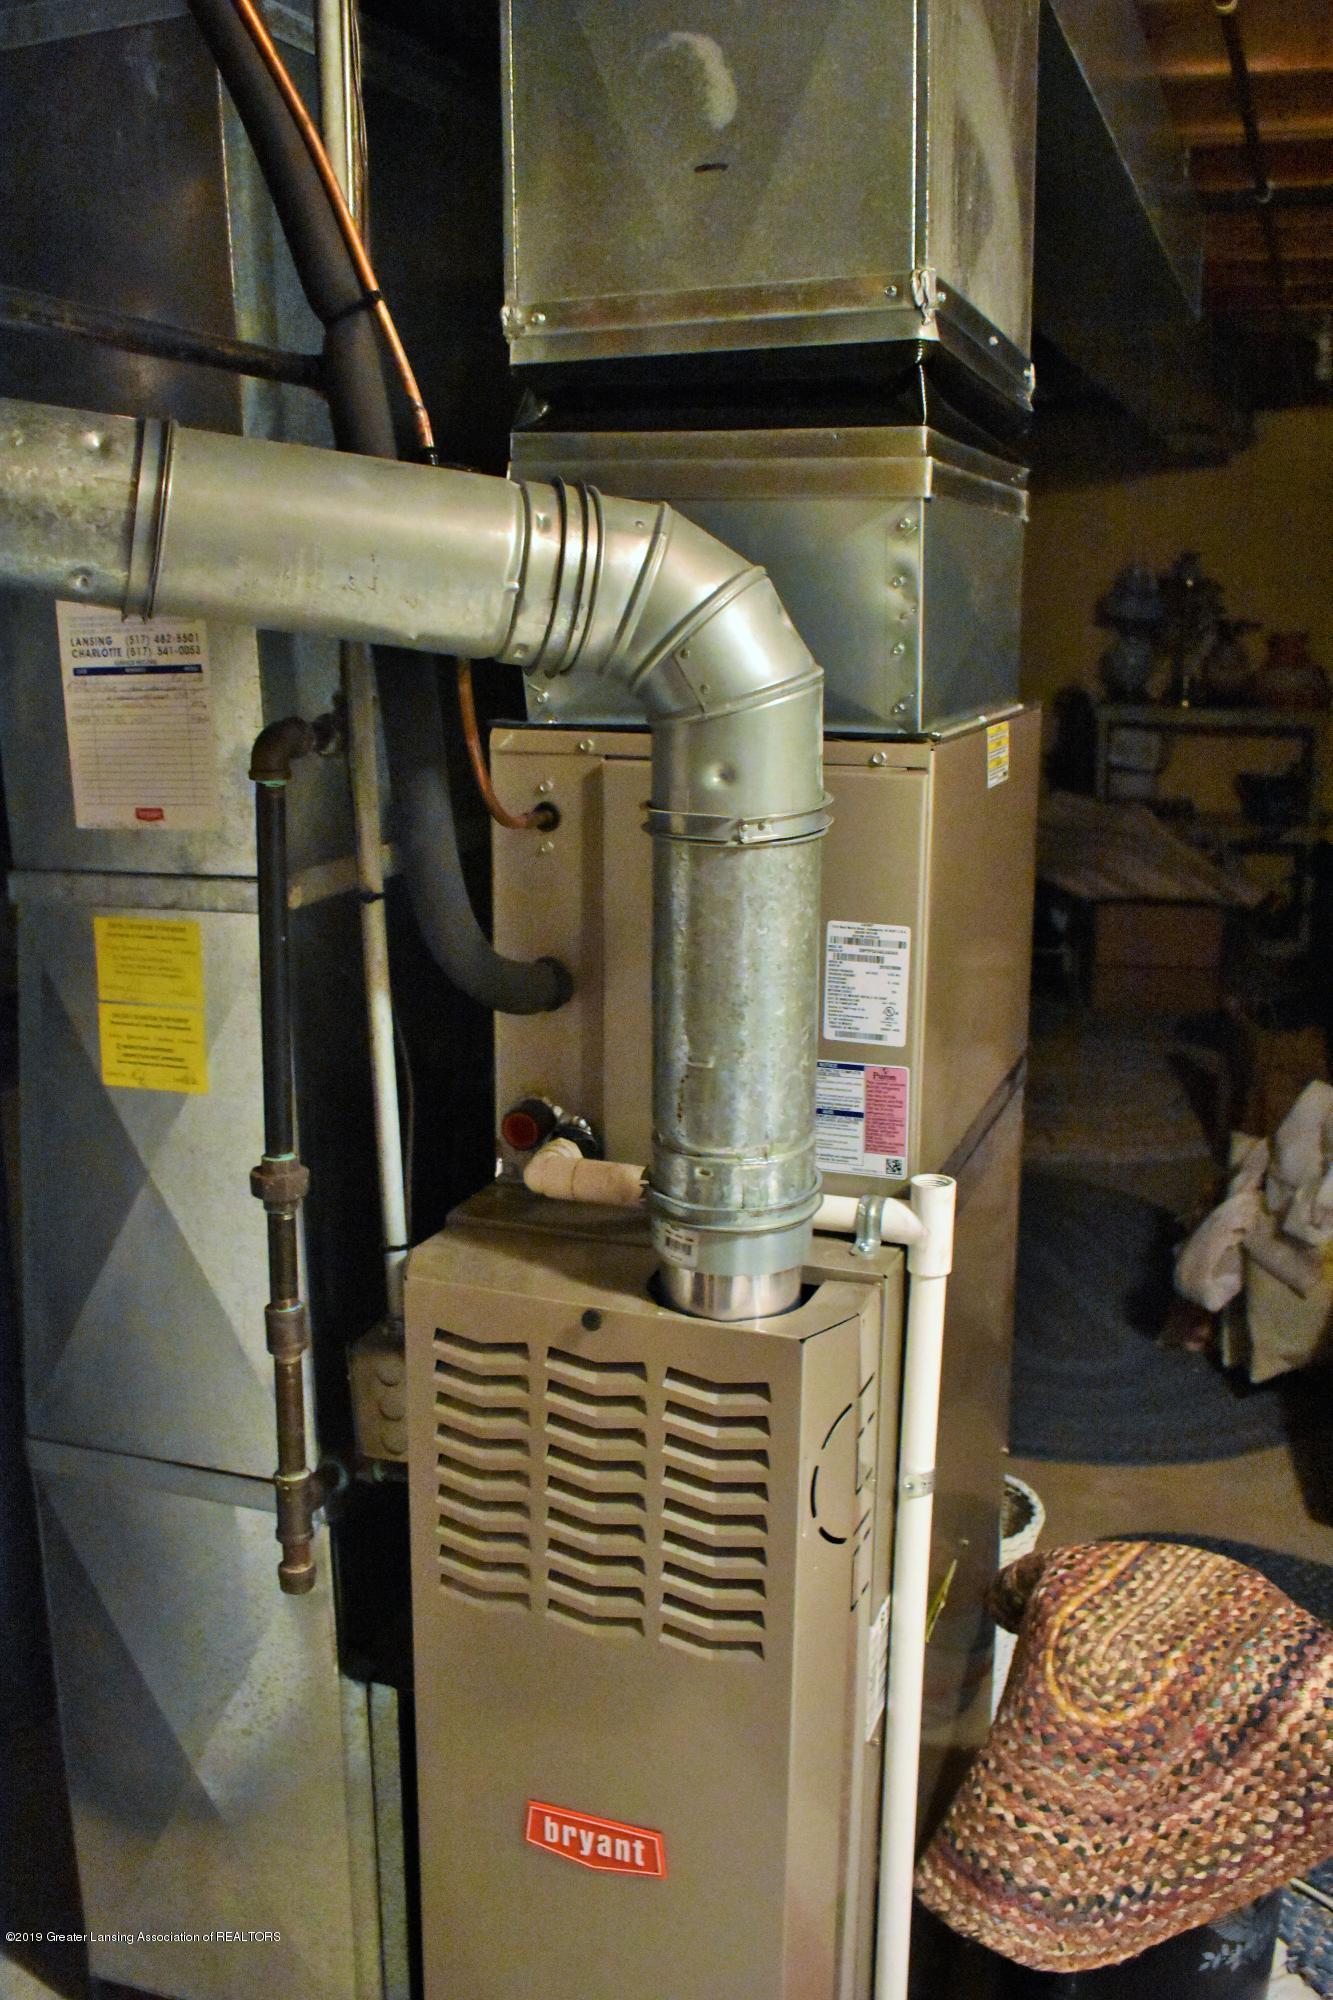 4394 Keller Rd - 35.JPG 4394 Keller Rd. basement mechanic - 16